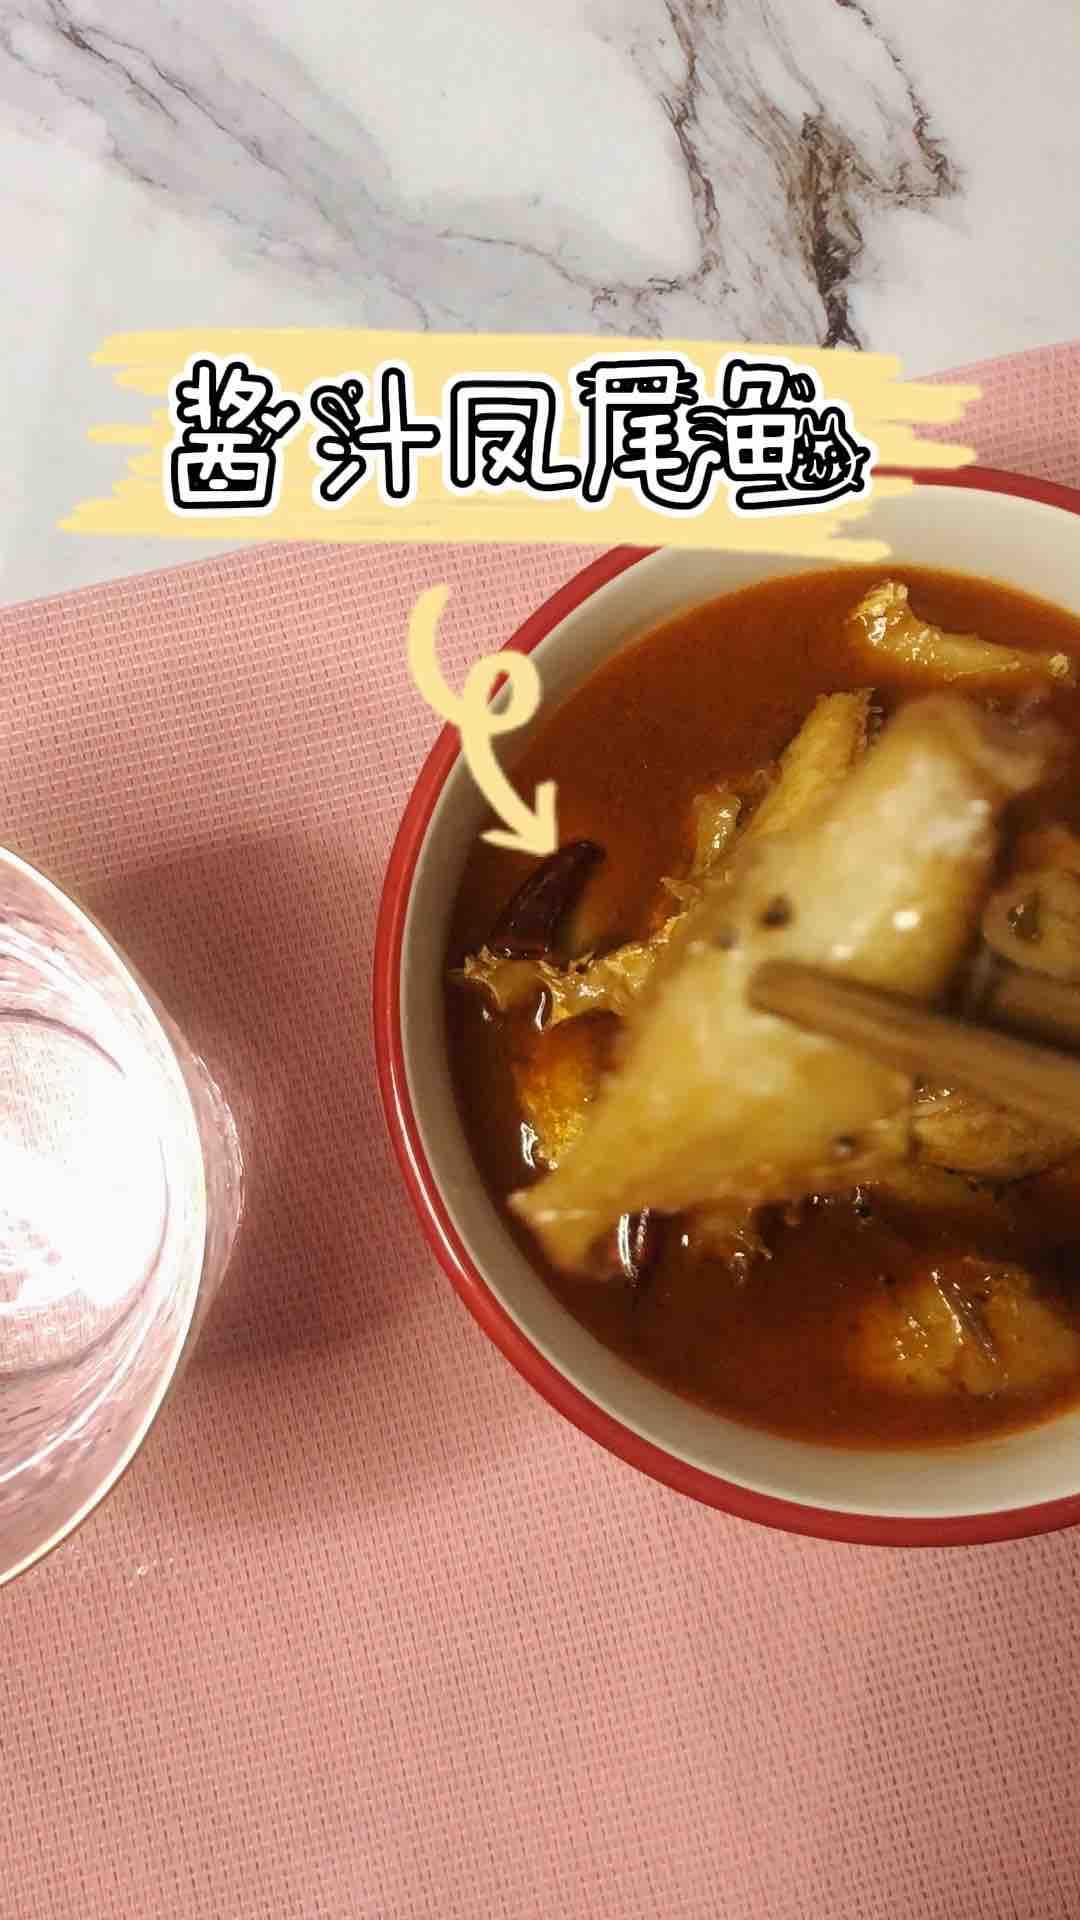 酱汁凤尾鱼